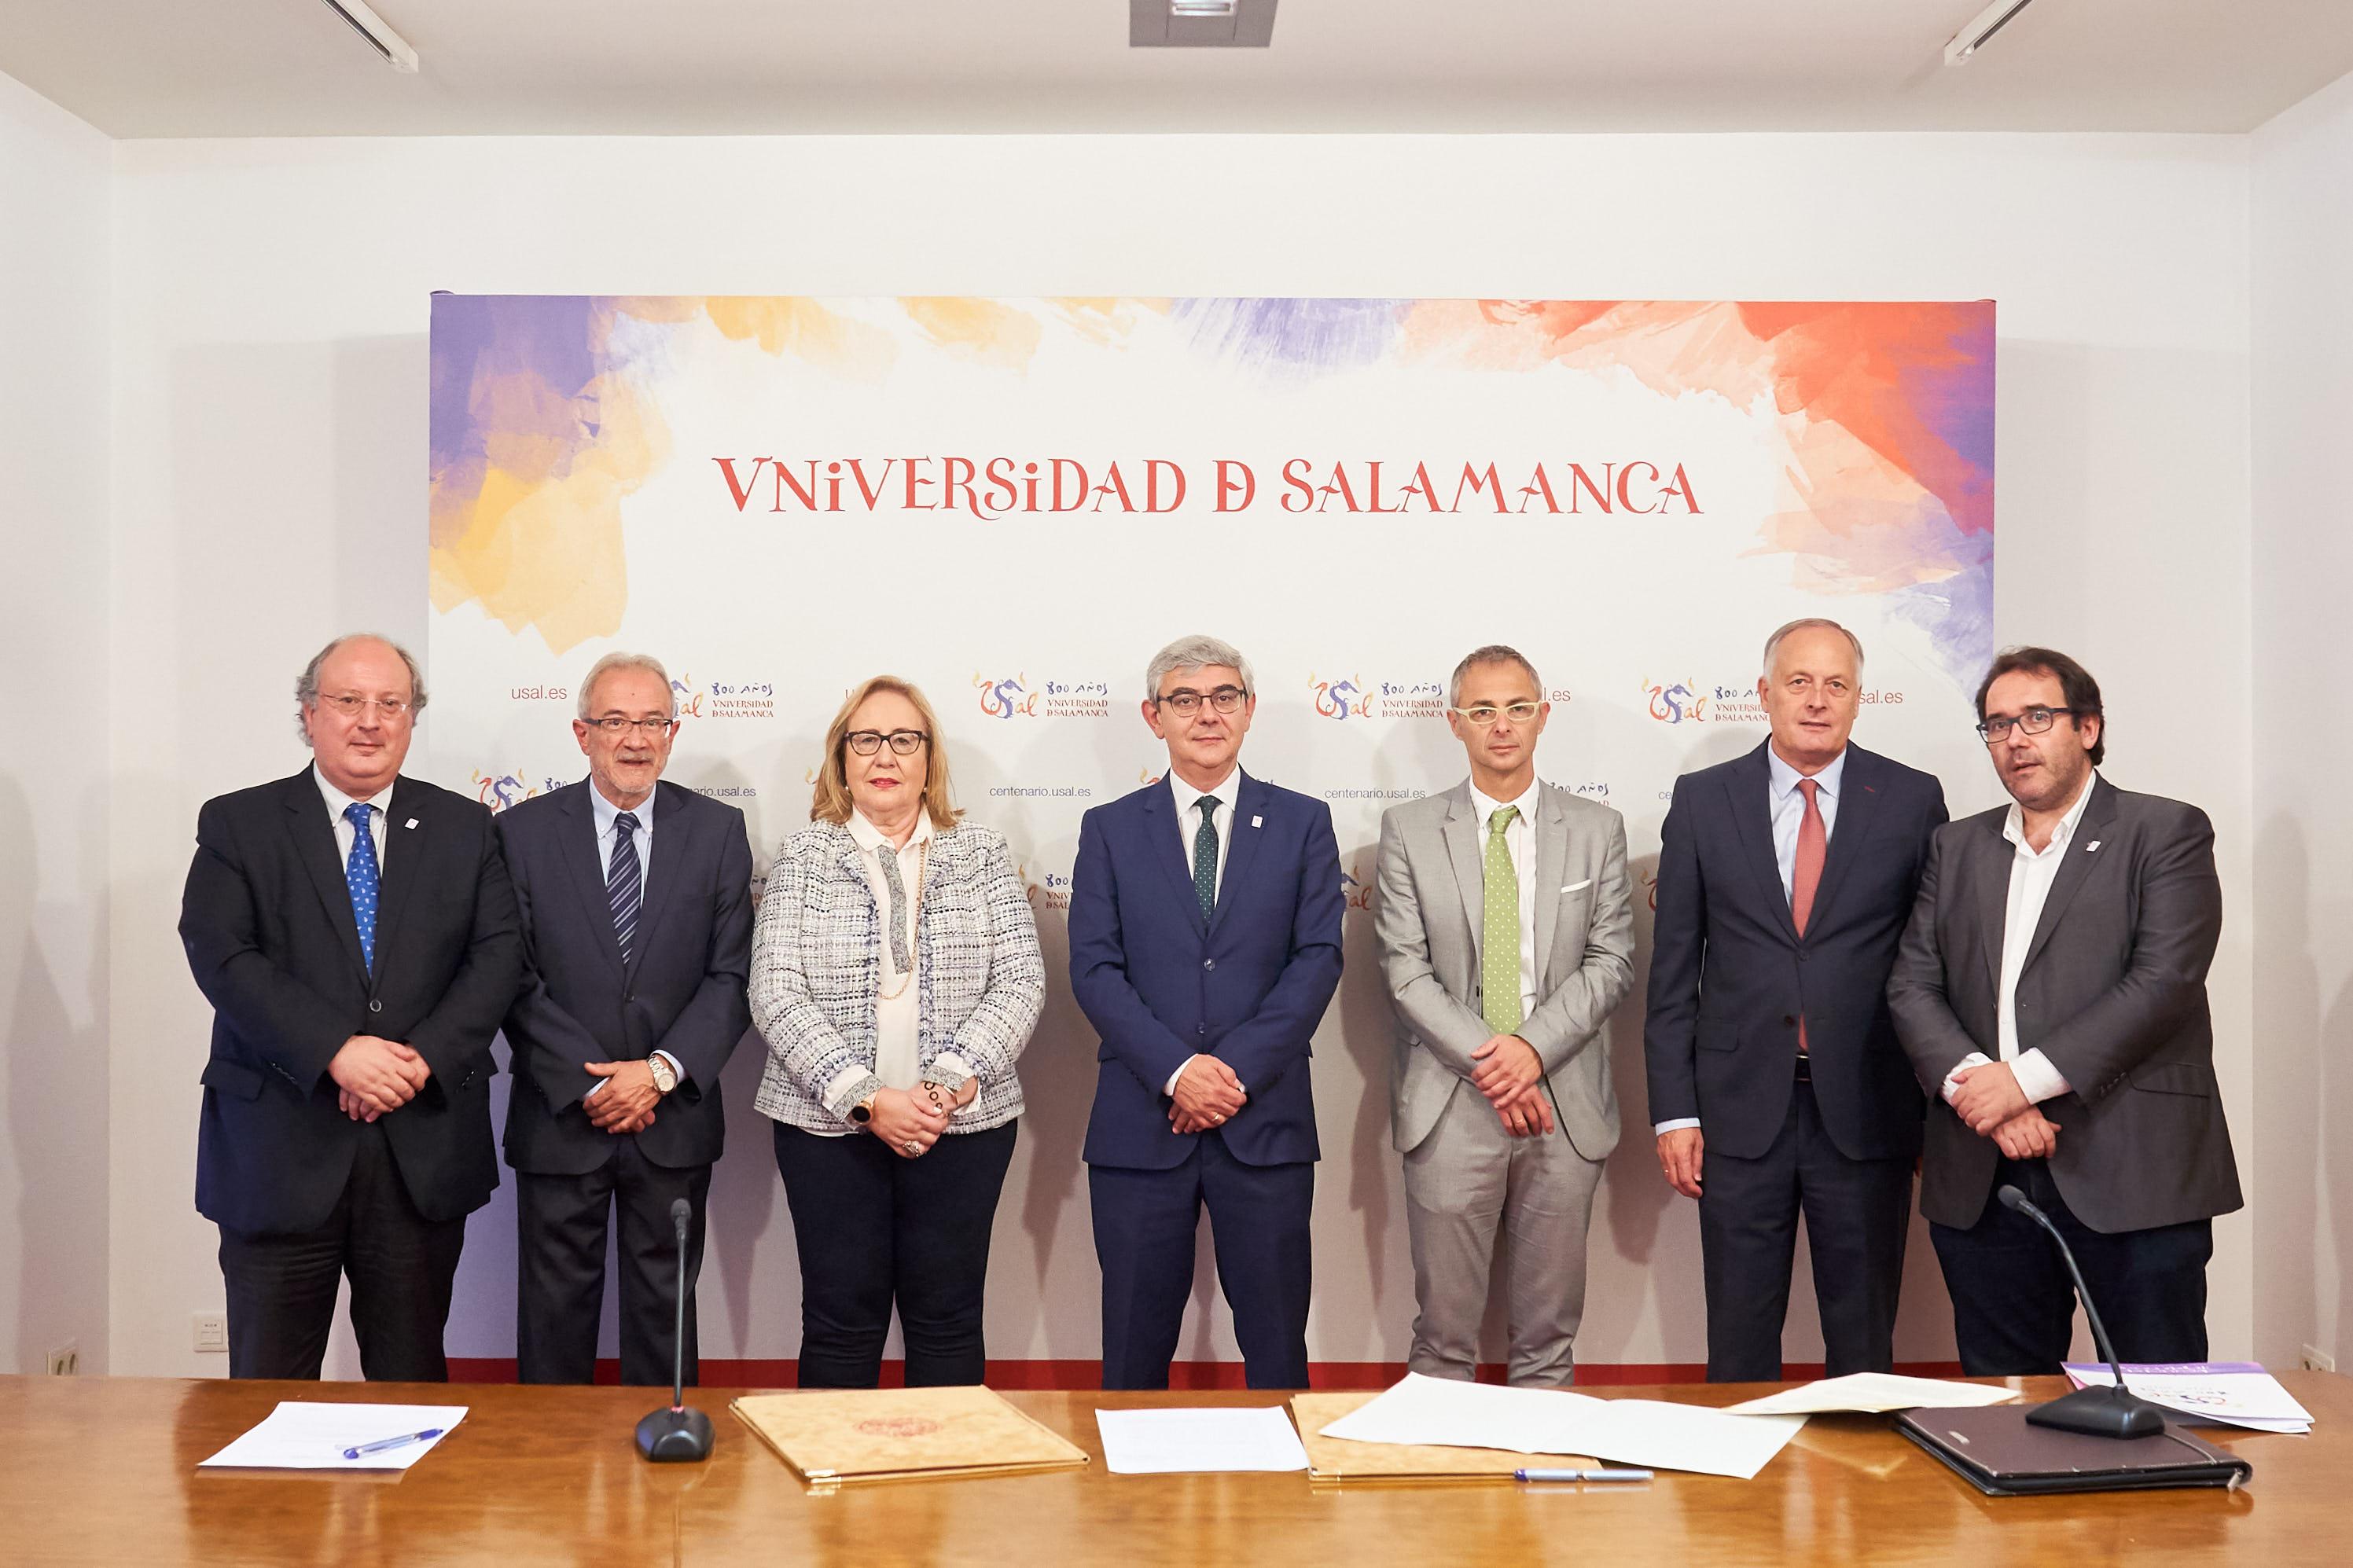 Gadis incrementa su compromiso con el  VIII Centenario de la Universidad de Salamanca